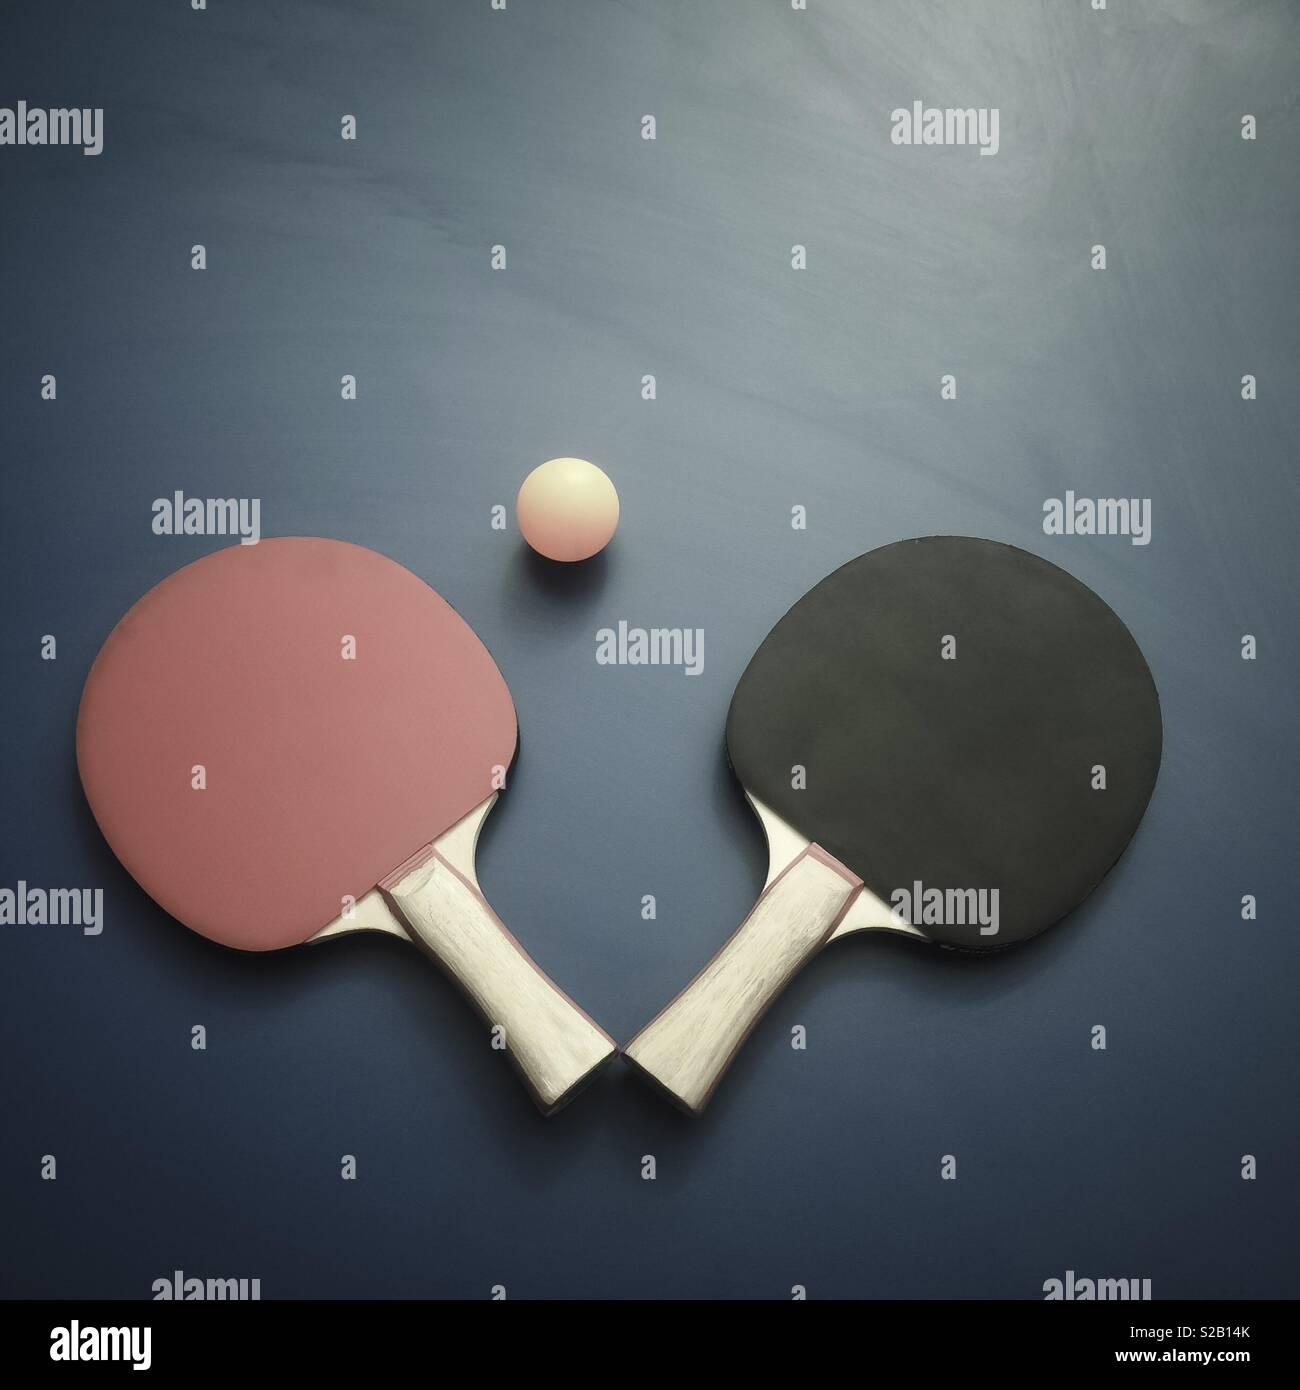 Fotografia creativa di ping pong pale e sfera Immagini Stock